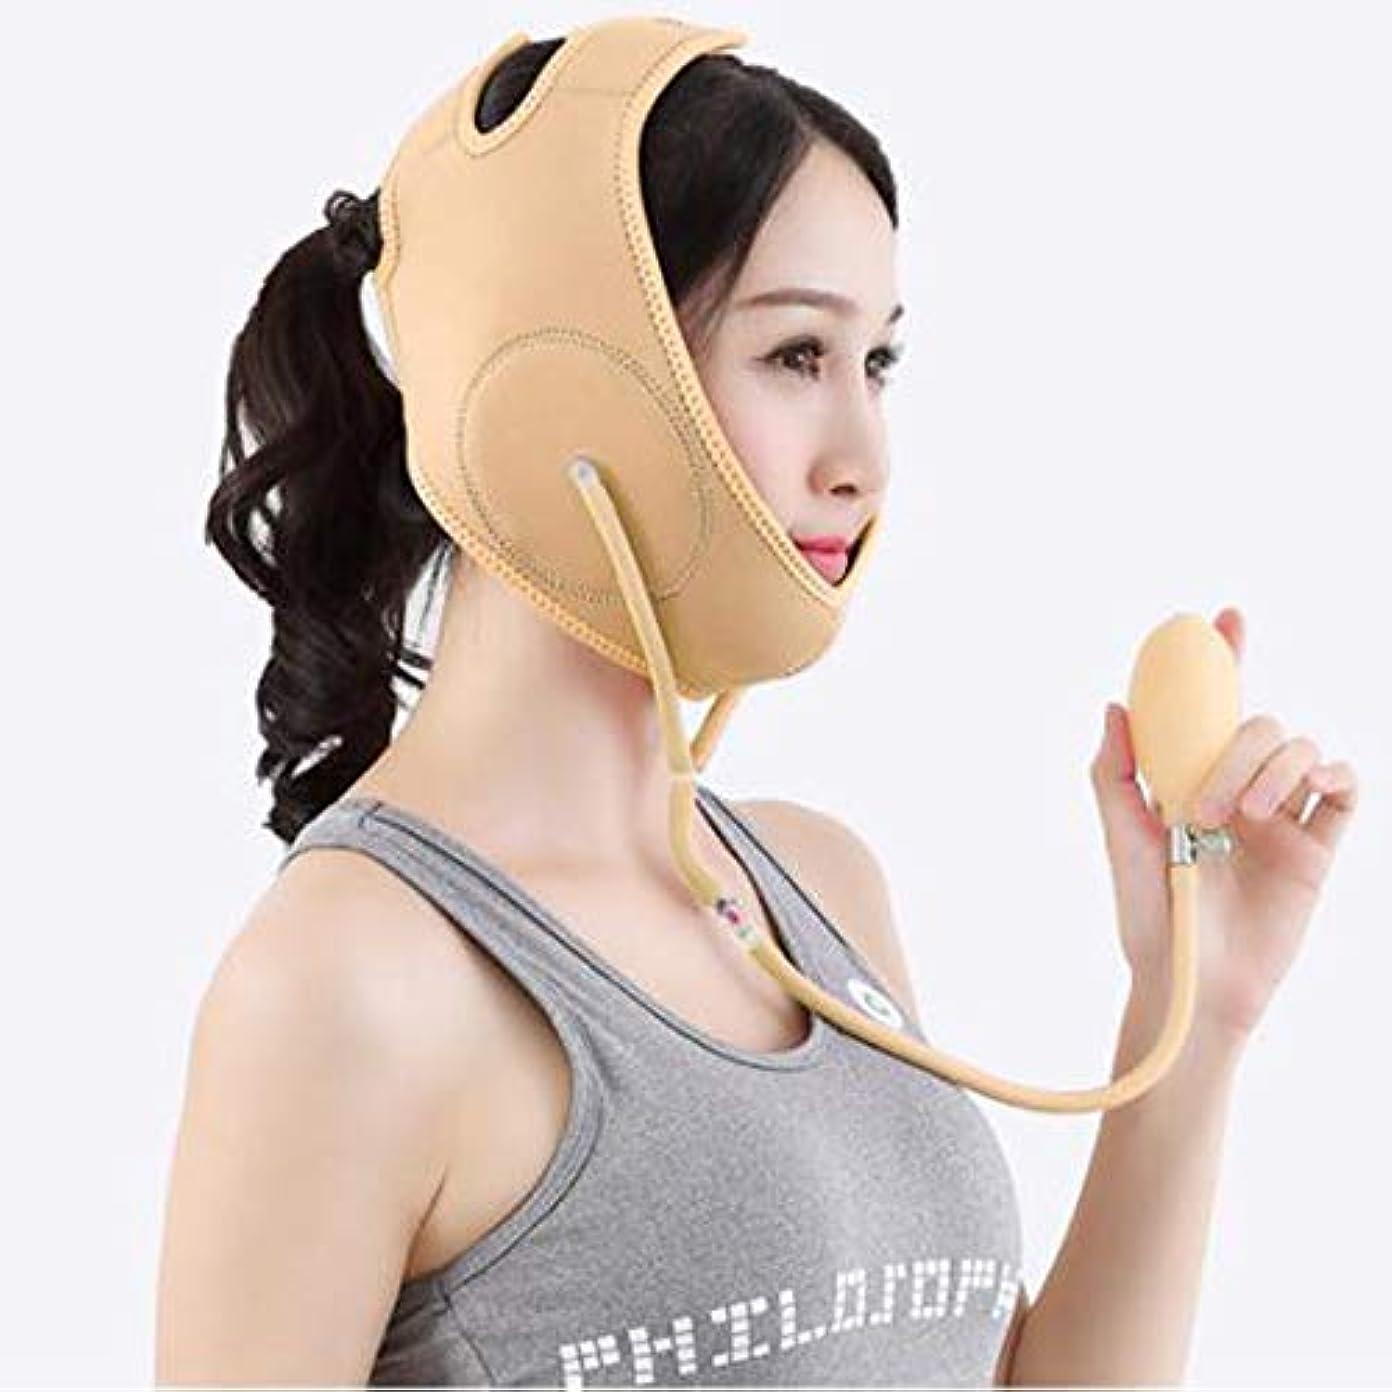 傷跡予測する休日に飛強強 フェイシャルリフティング痩身ベルトダブルエアバッグ圧力調整フェイス包帯マスク整形マスクが顔を引き締める スリムフィット美容ツール (Color : Beige, Size : L)